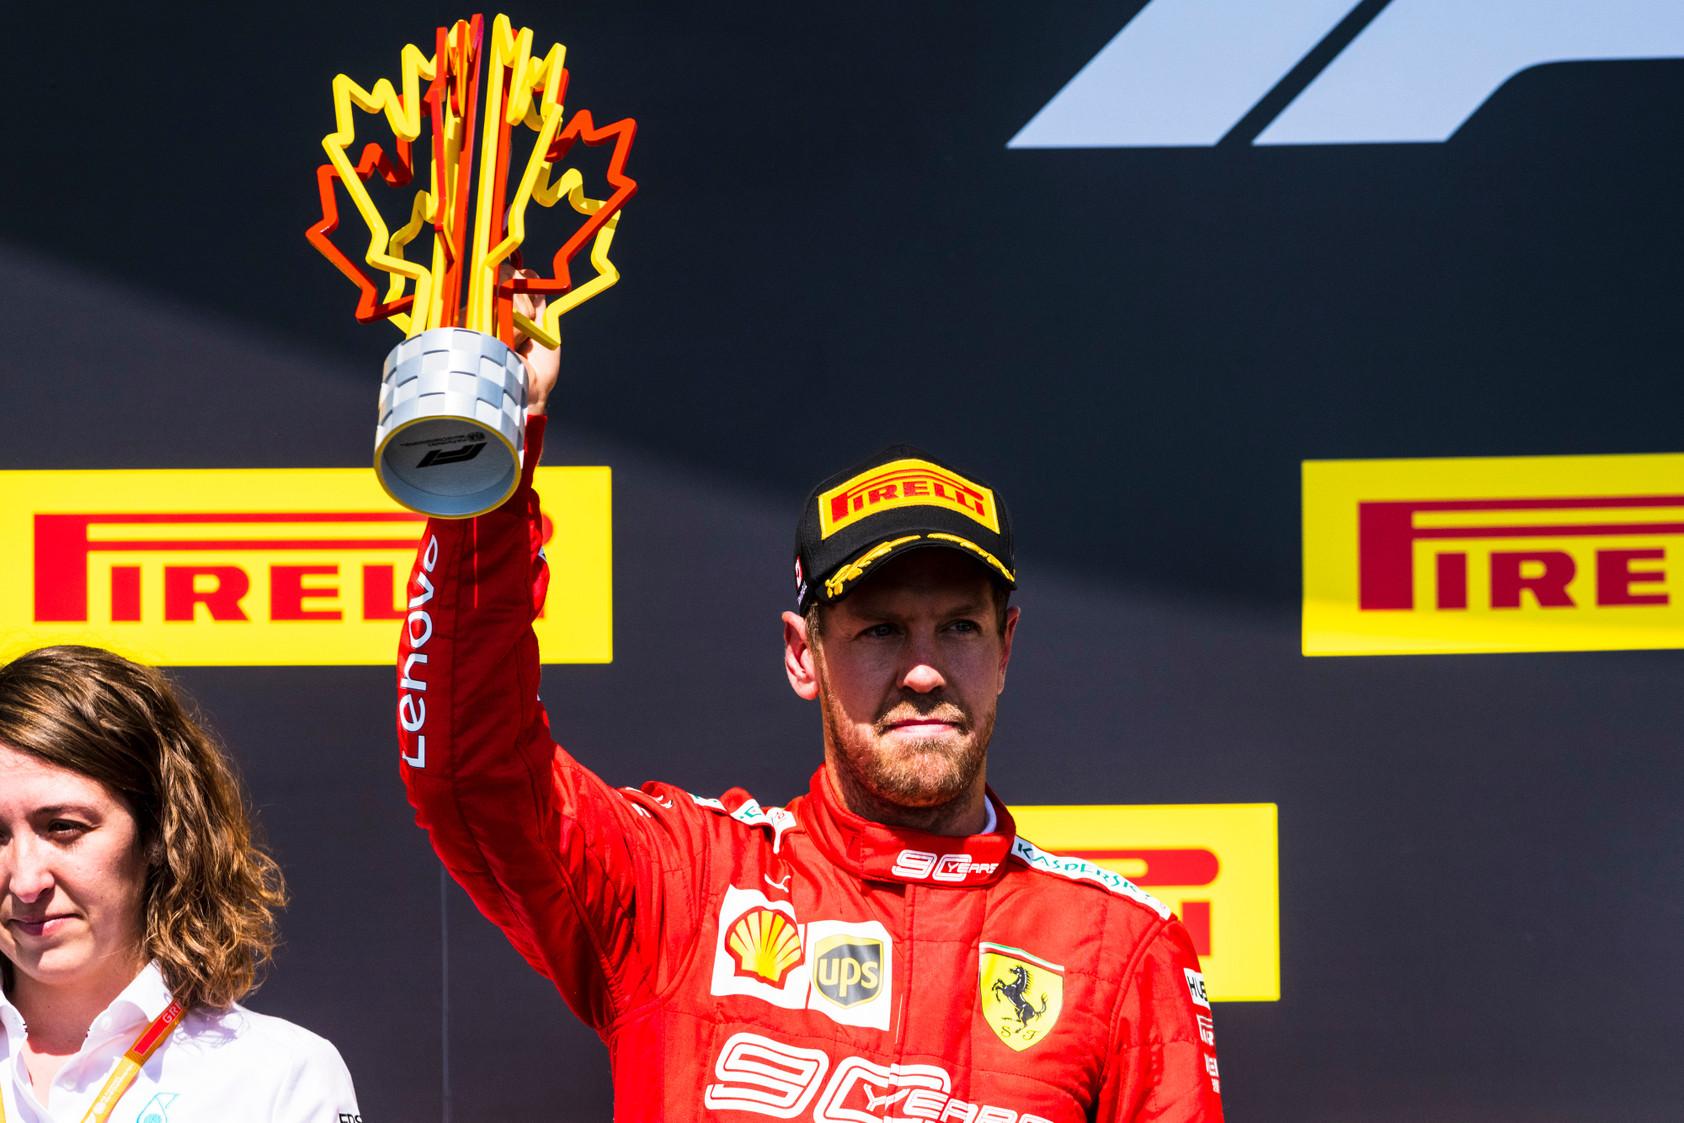 S. Vettelis paaiškino, kodėl Kanadoje sutiko užlipti ant apdovanojimų pakylos